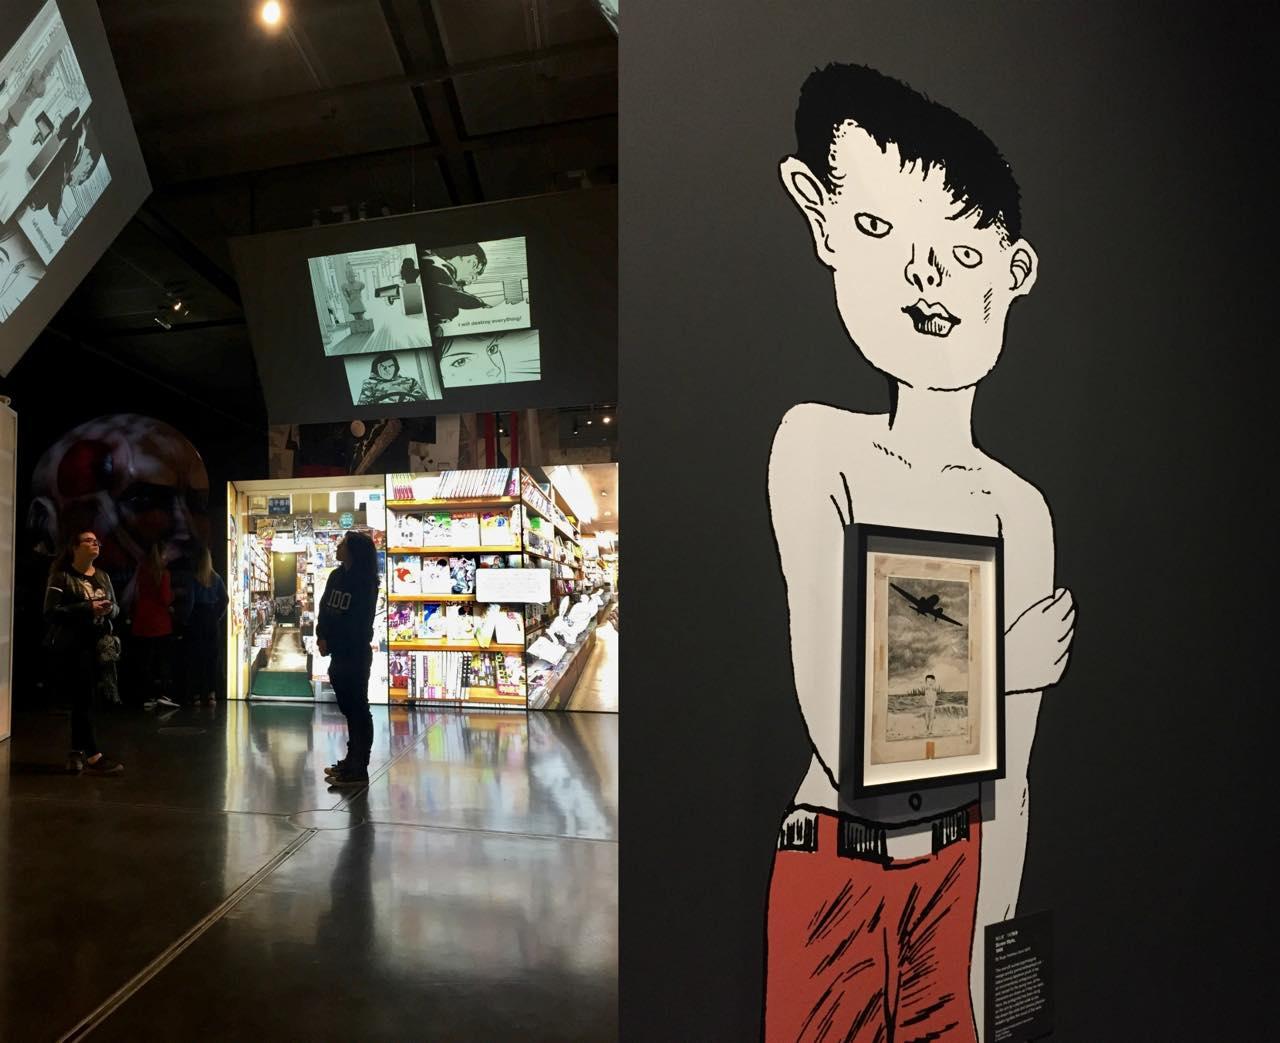 サザエさんもドラちゃんもアラレちゃんも両さんもラムちゃんもキャンディもナウシカも月影先生もまる子もツネコもいないよ〜。こうして挙げてみると今回の大英博物館漫画展が日本の漫画をどう紹介したかったのかがなんとなくわかってくるネ